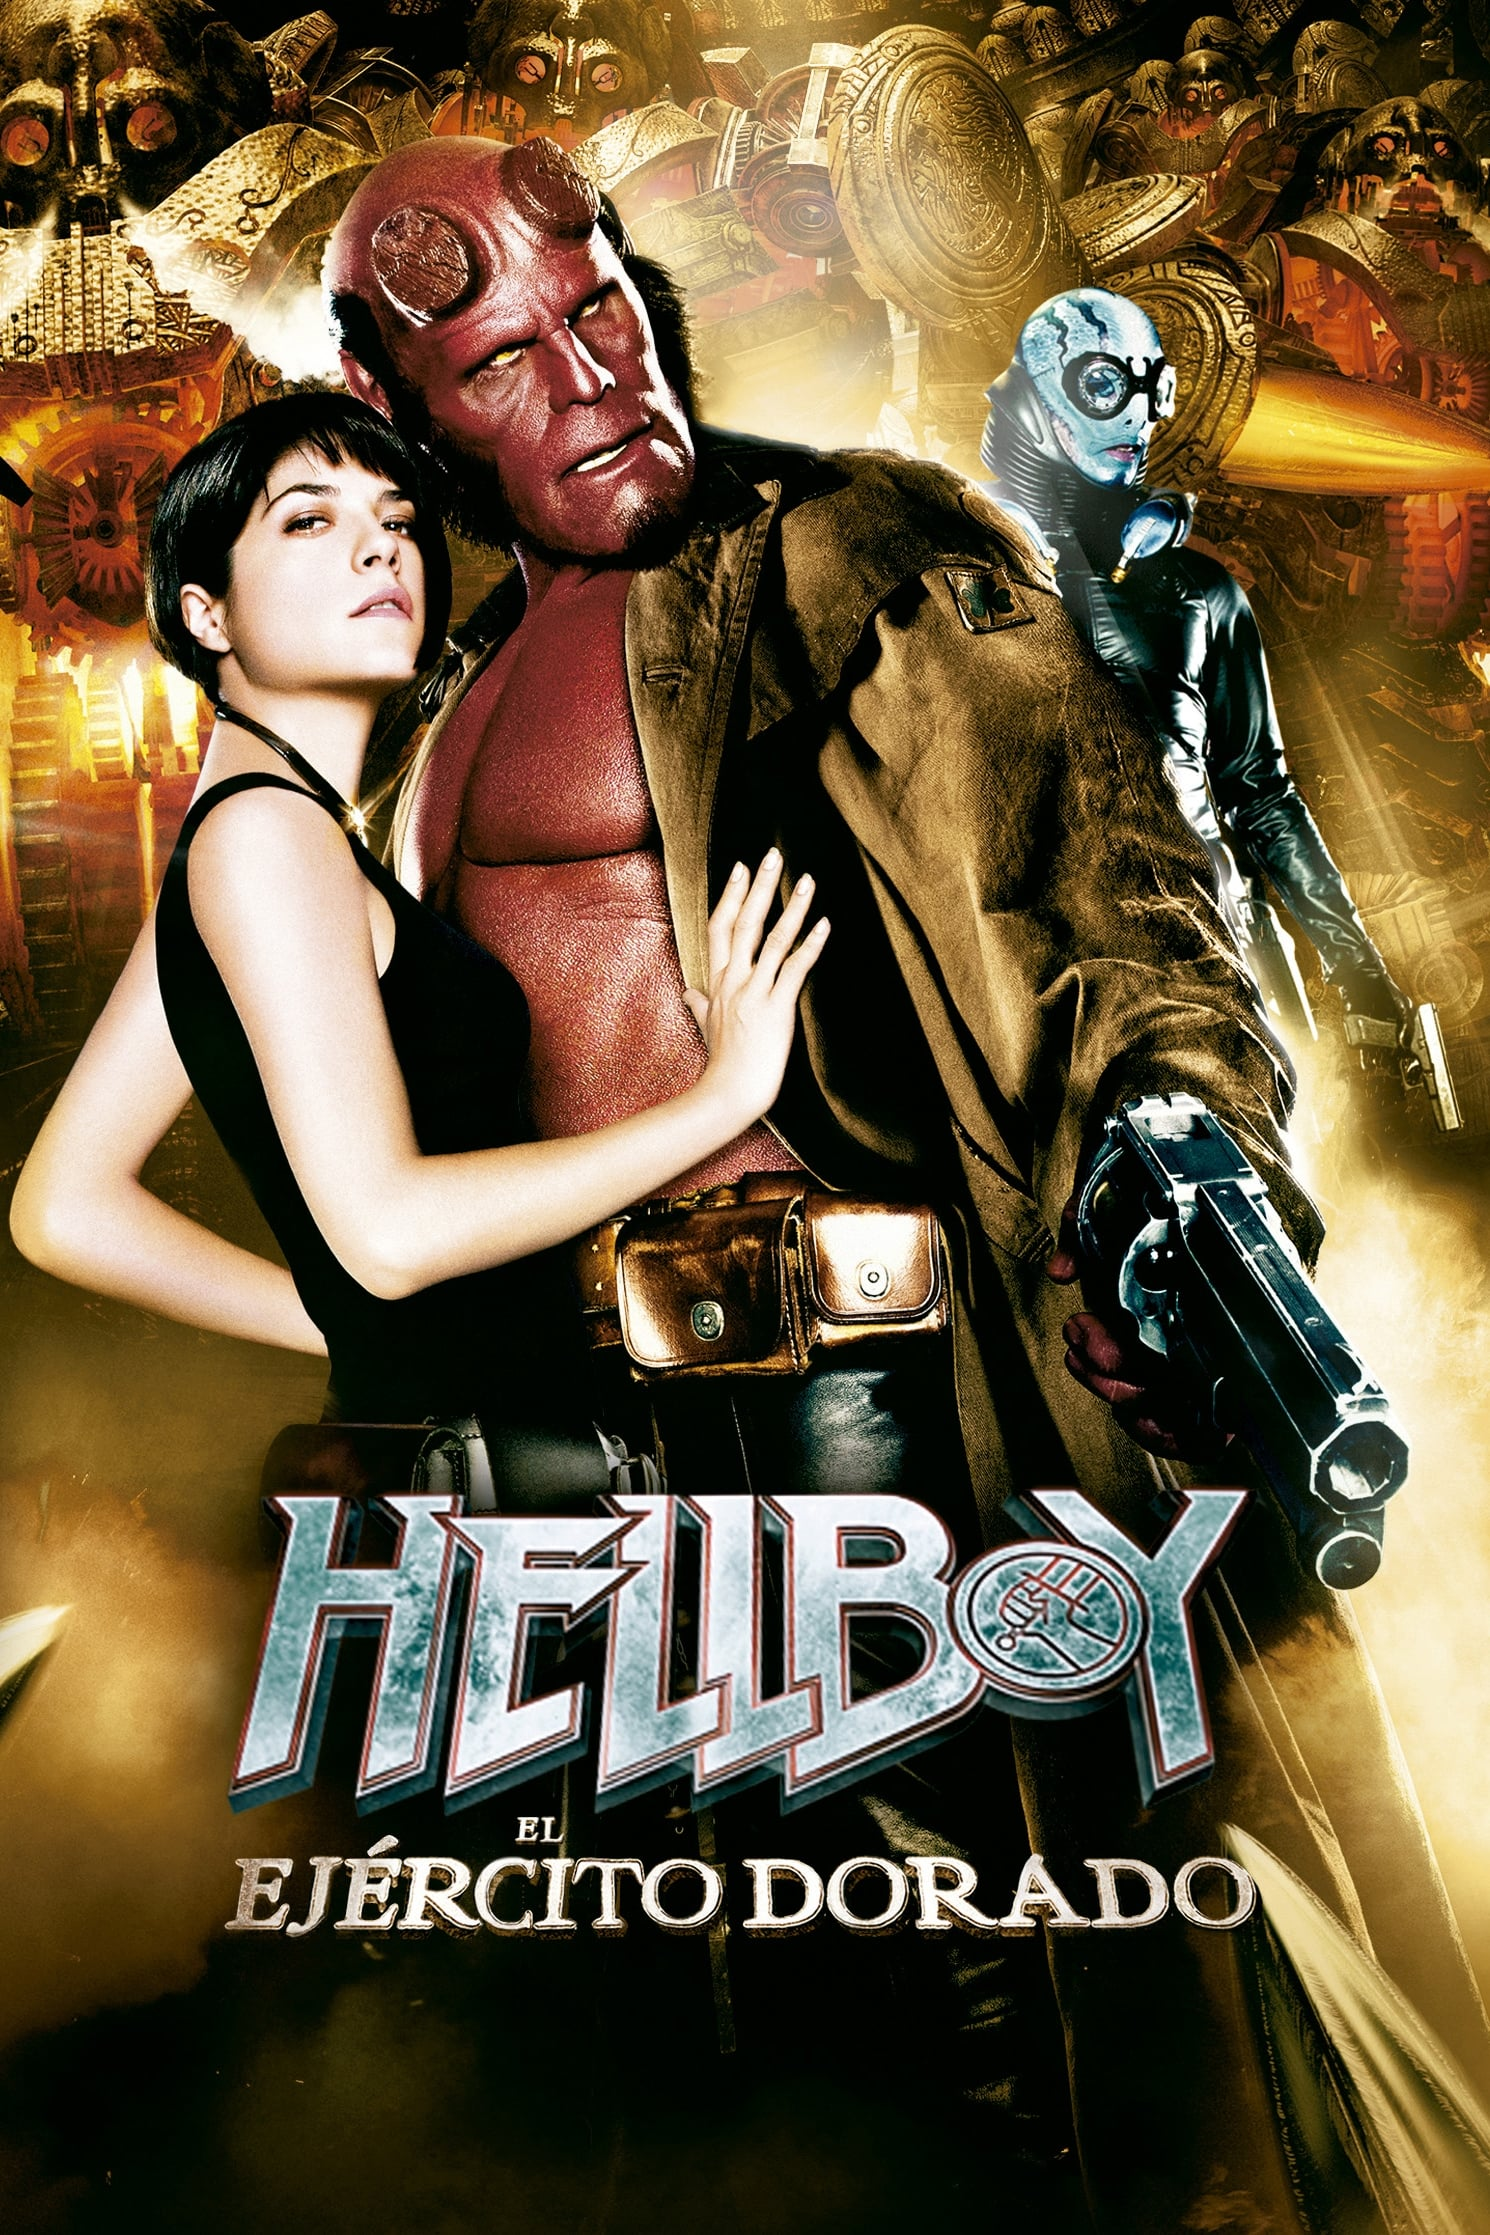 Póster Hellboy II: El ejército dorado